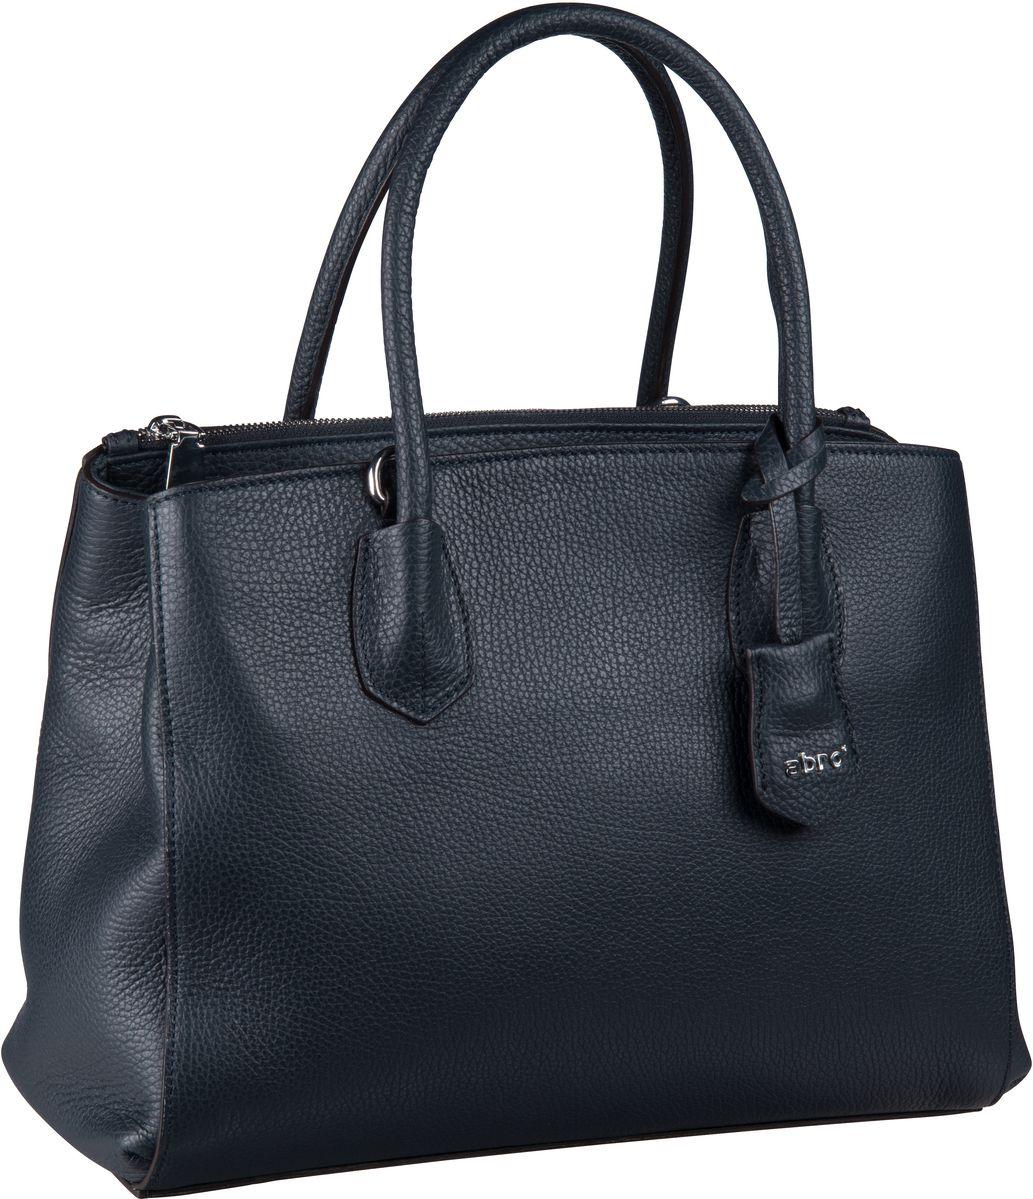 Handtasche Calf Adria 28488 Navy